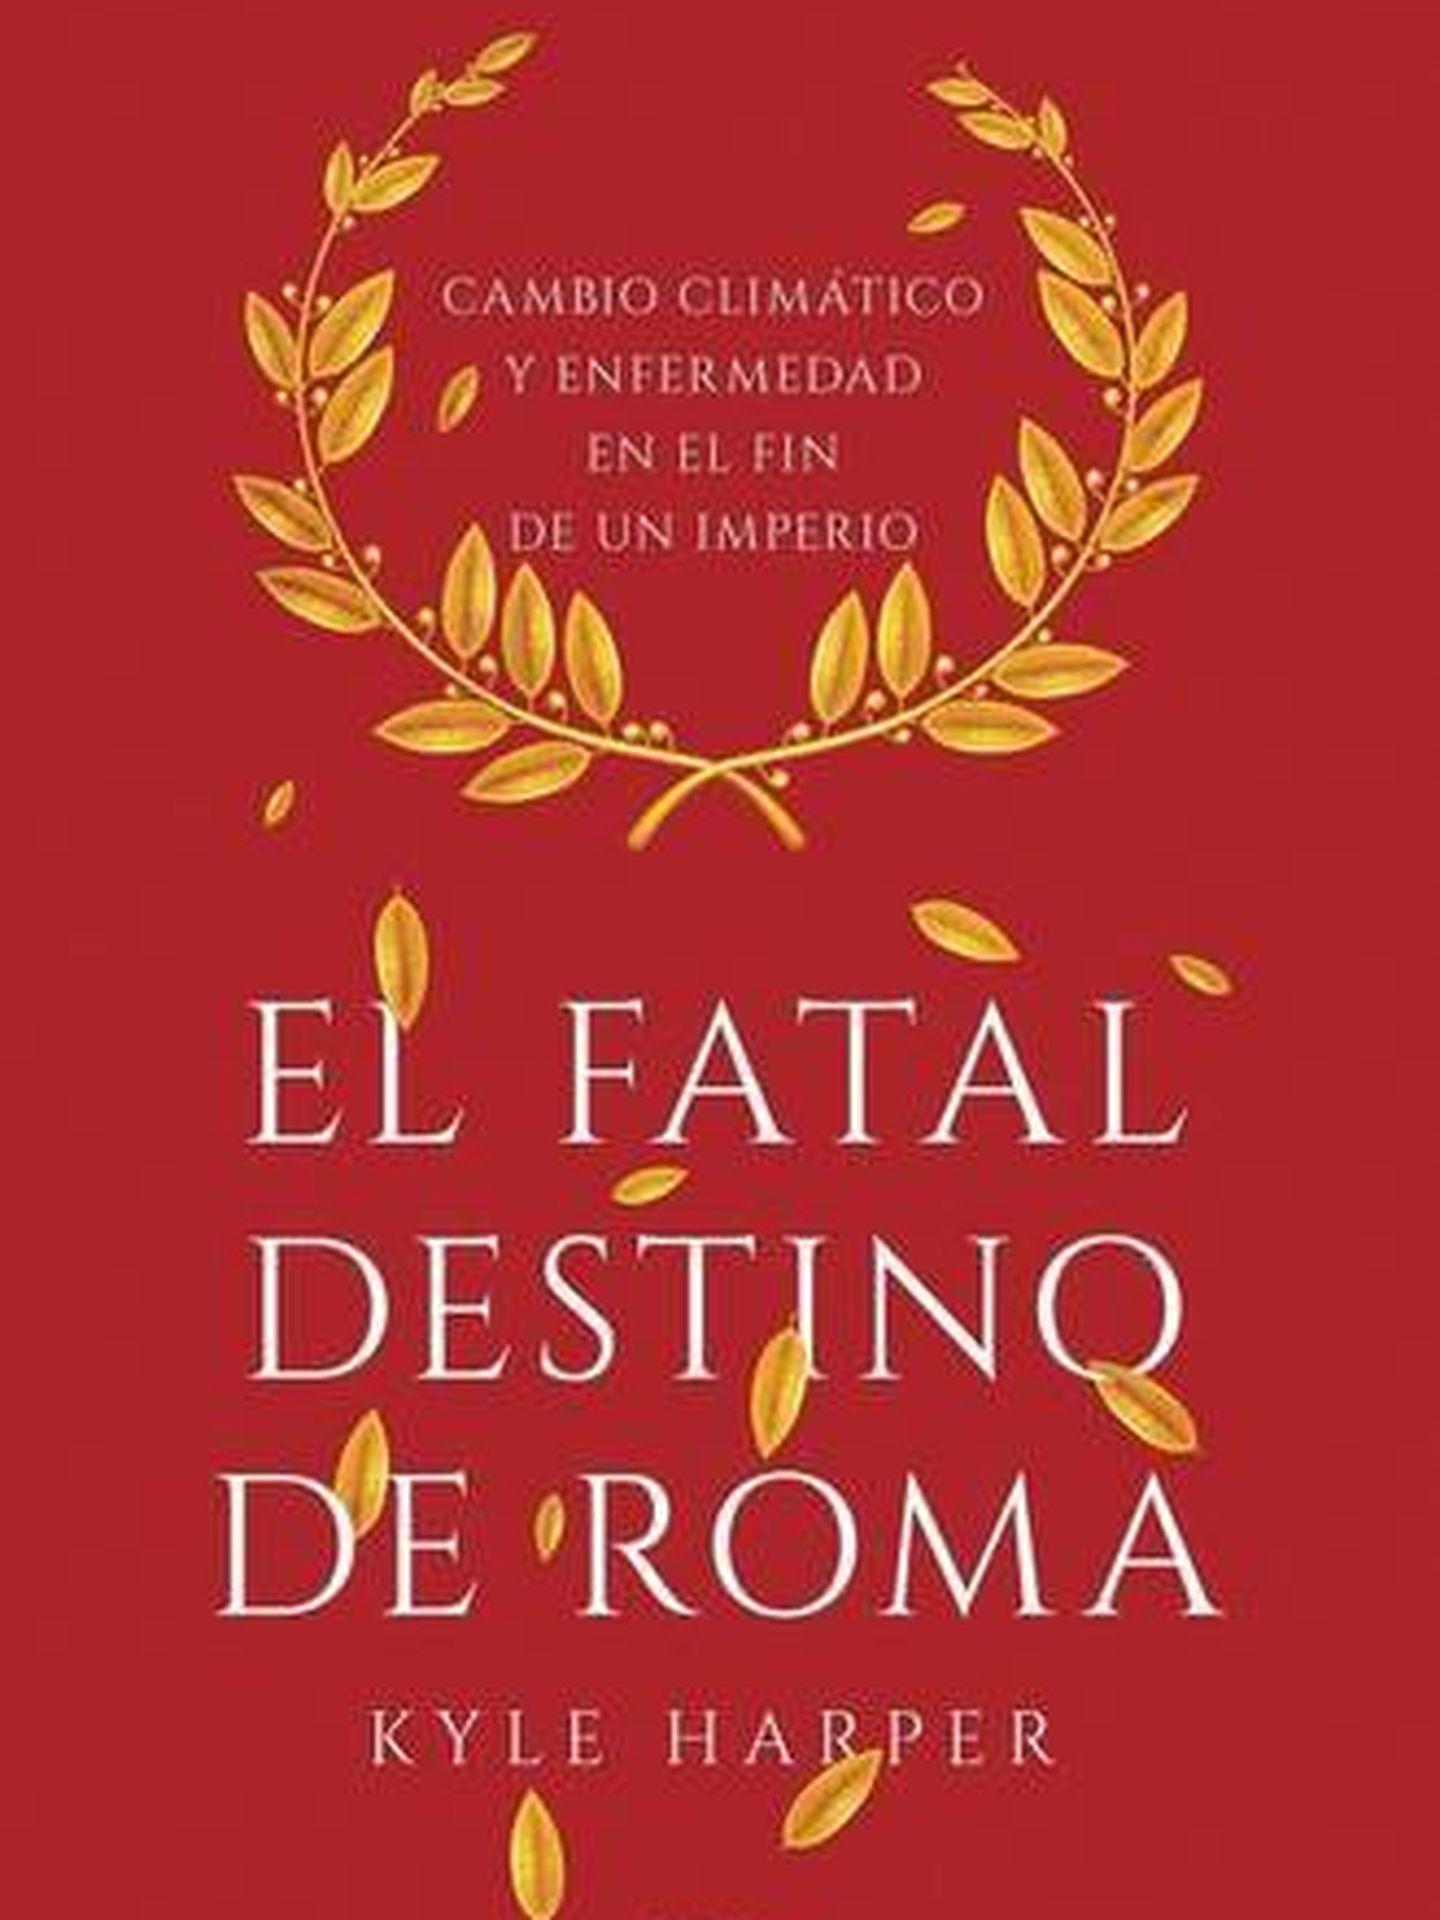 'El fatal destino de Roma'.